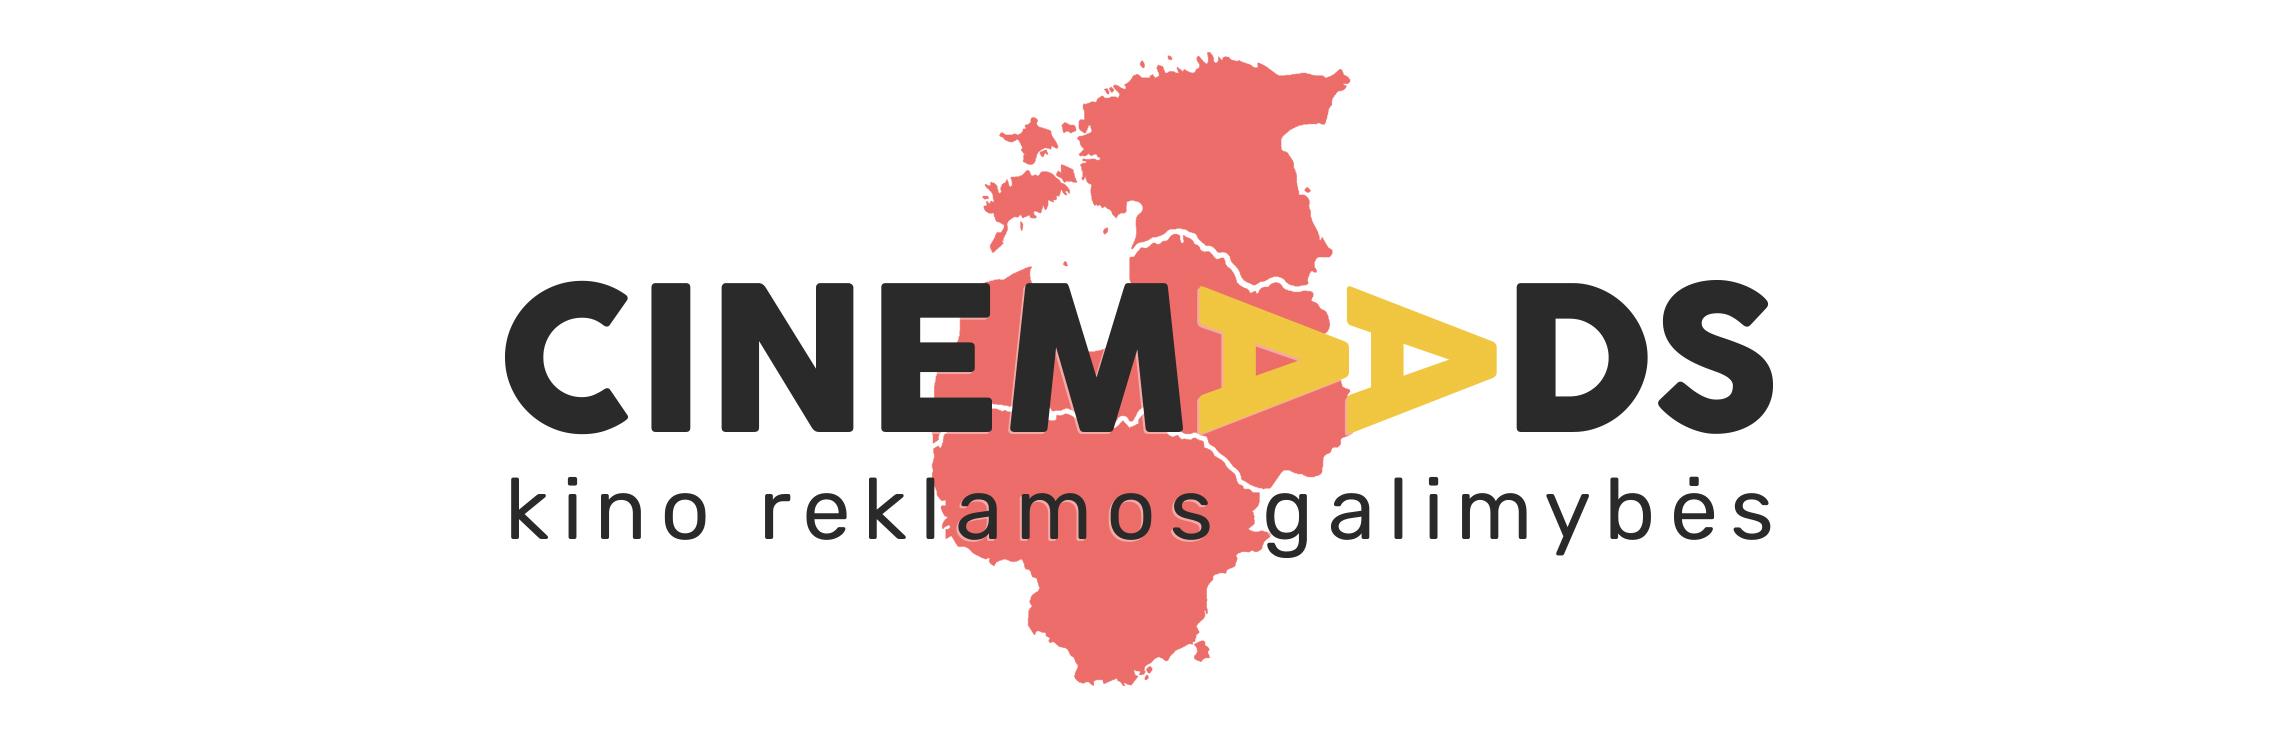 CinemaAds veikia visose baltijos šalyse